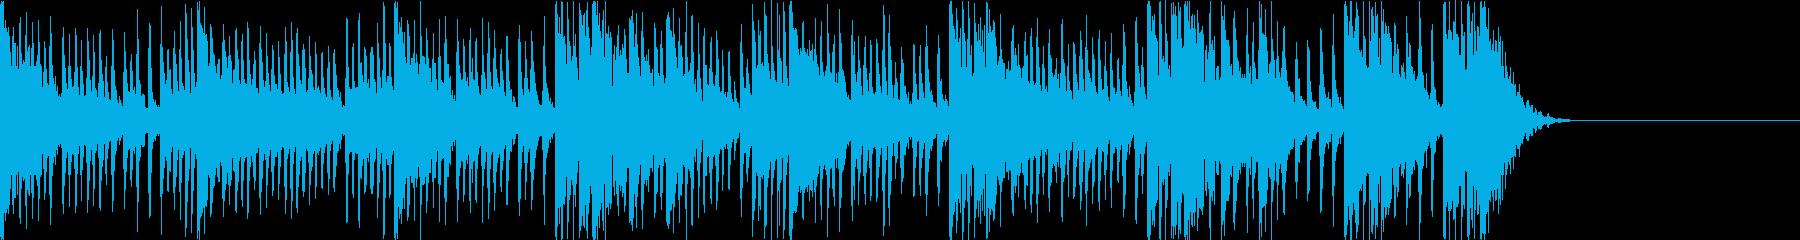 アップテンポな和太鼓乱れ打ち 締太鼓の再生済みの波形